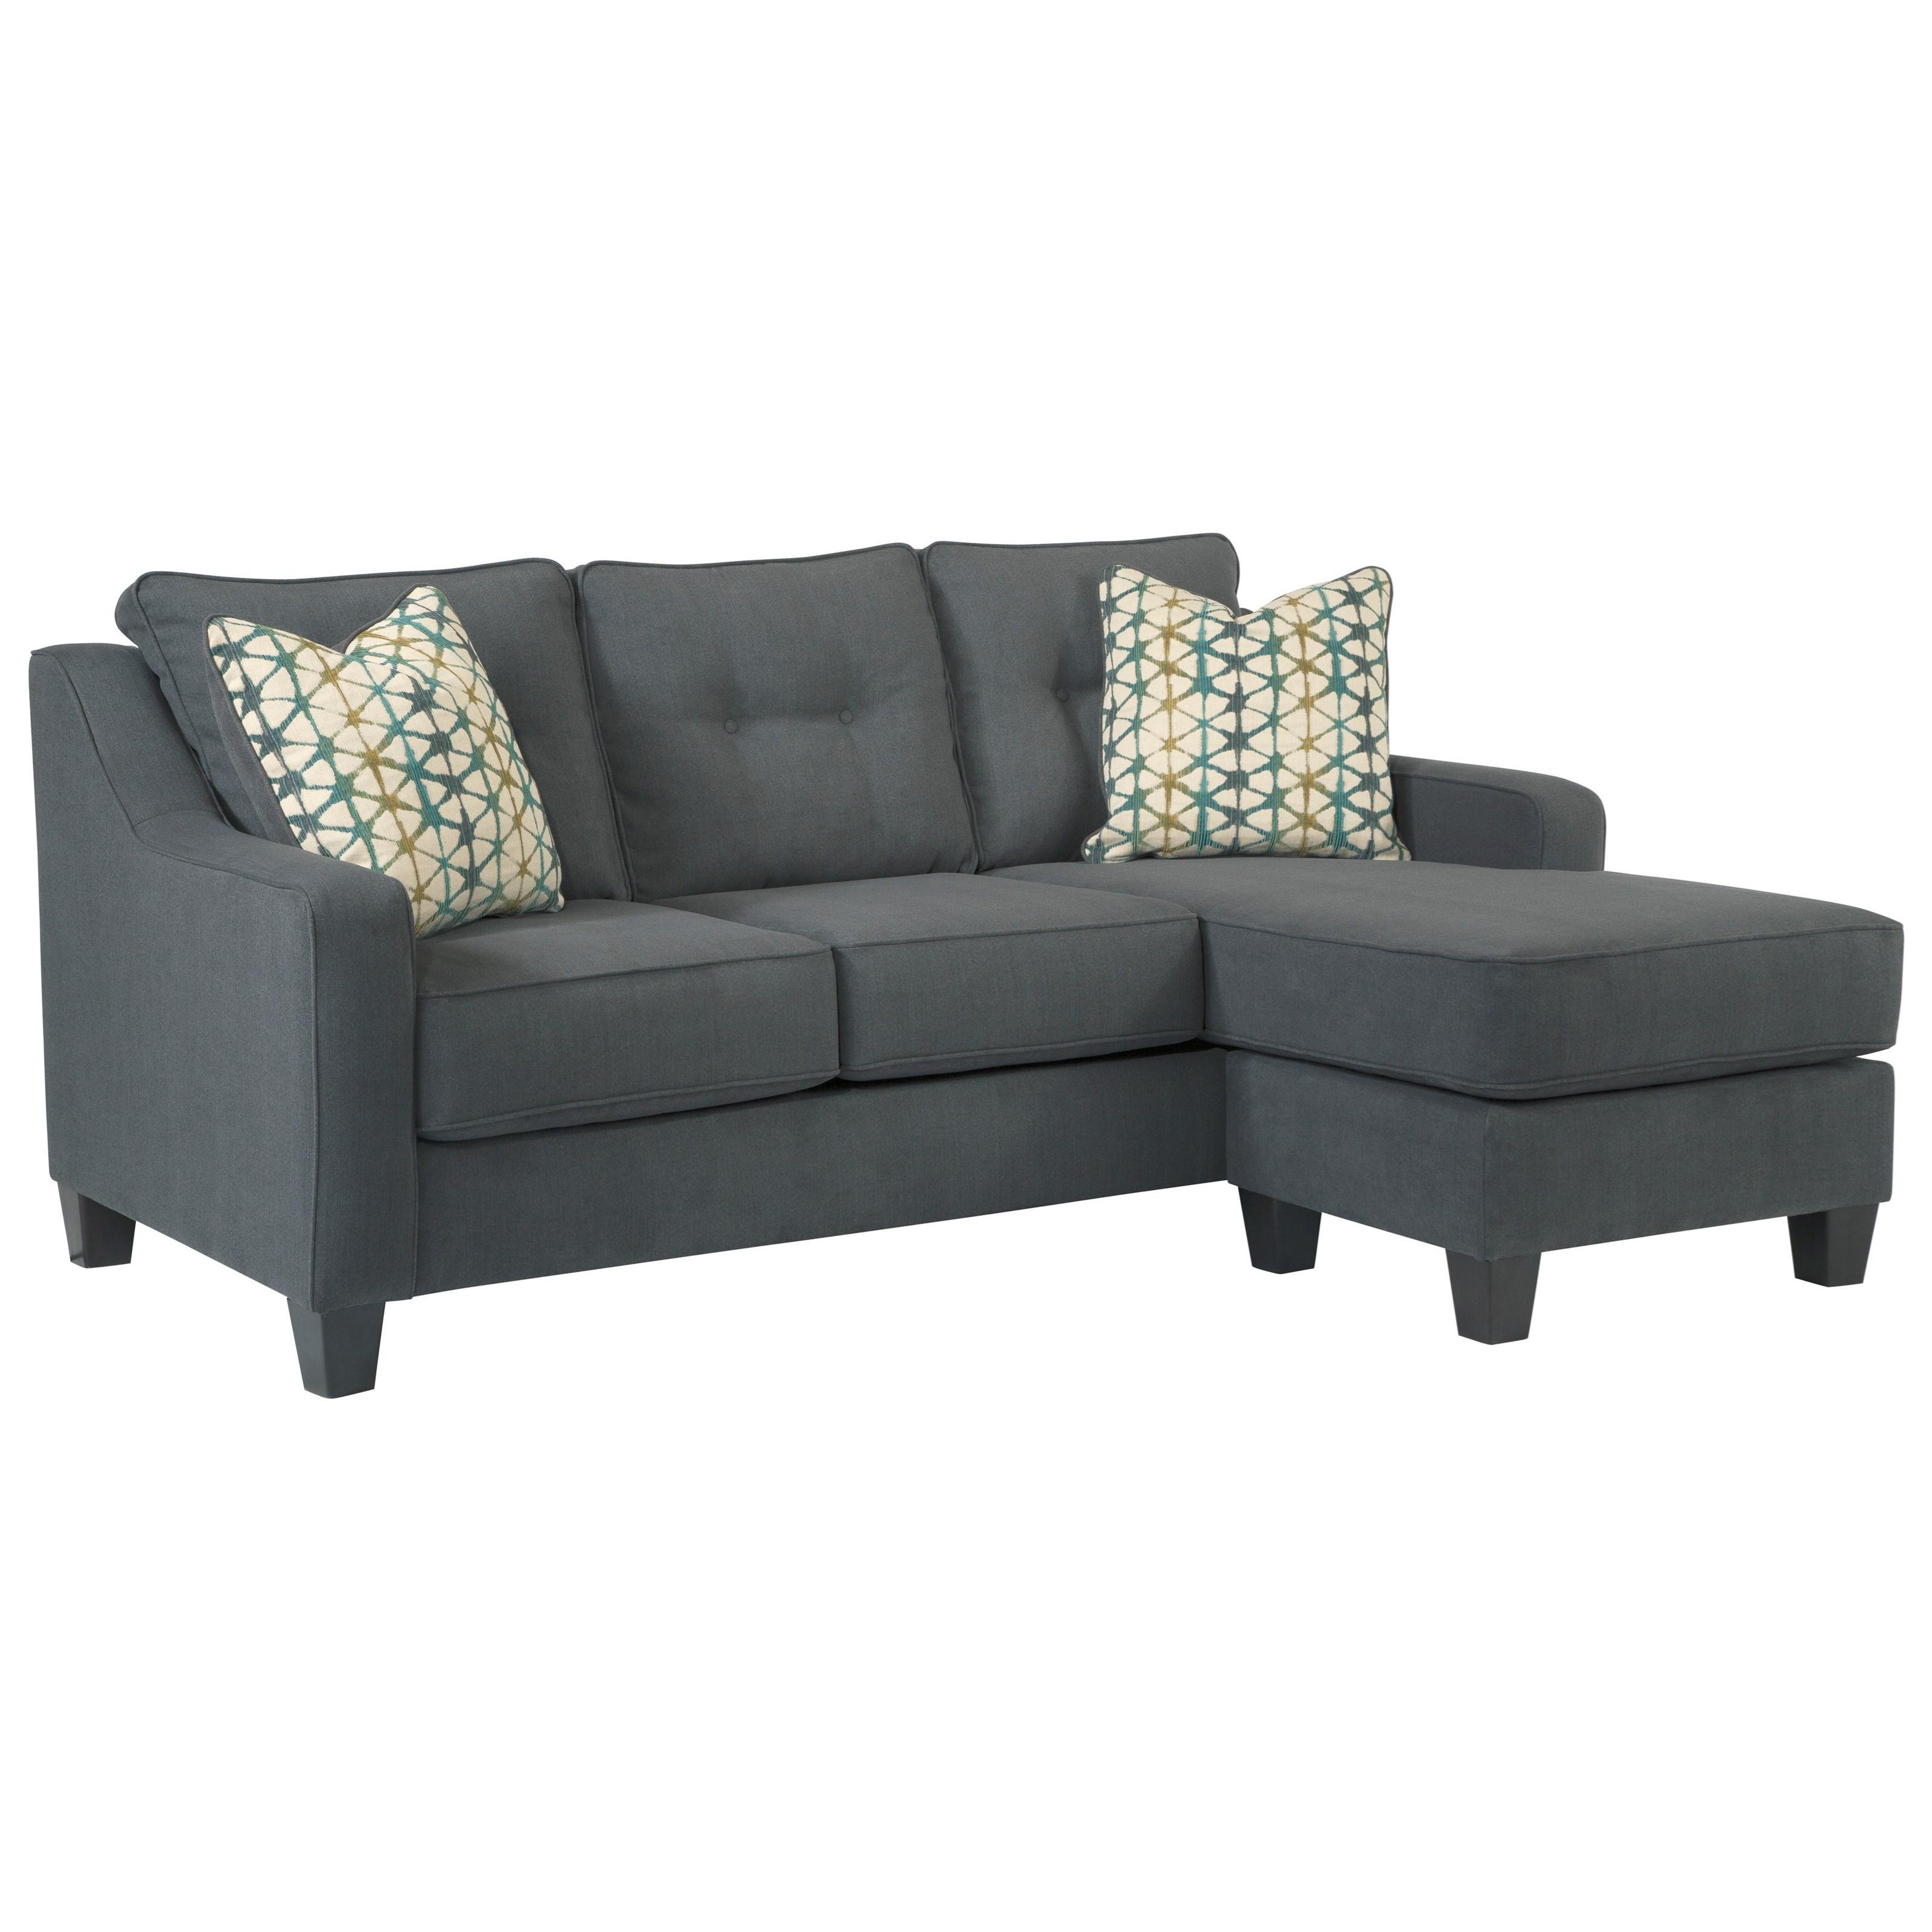 Ashley Furniture ShaylaSofa Chaise ...